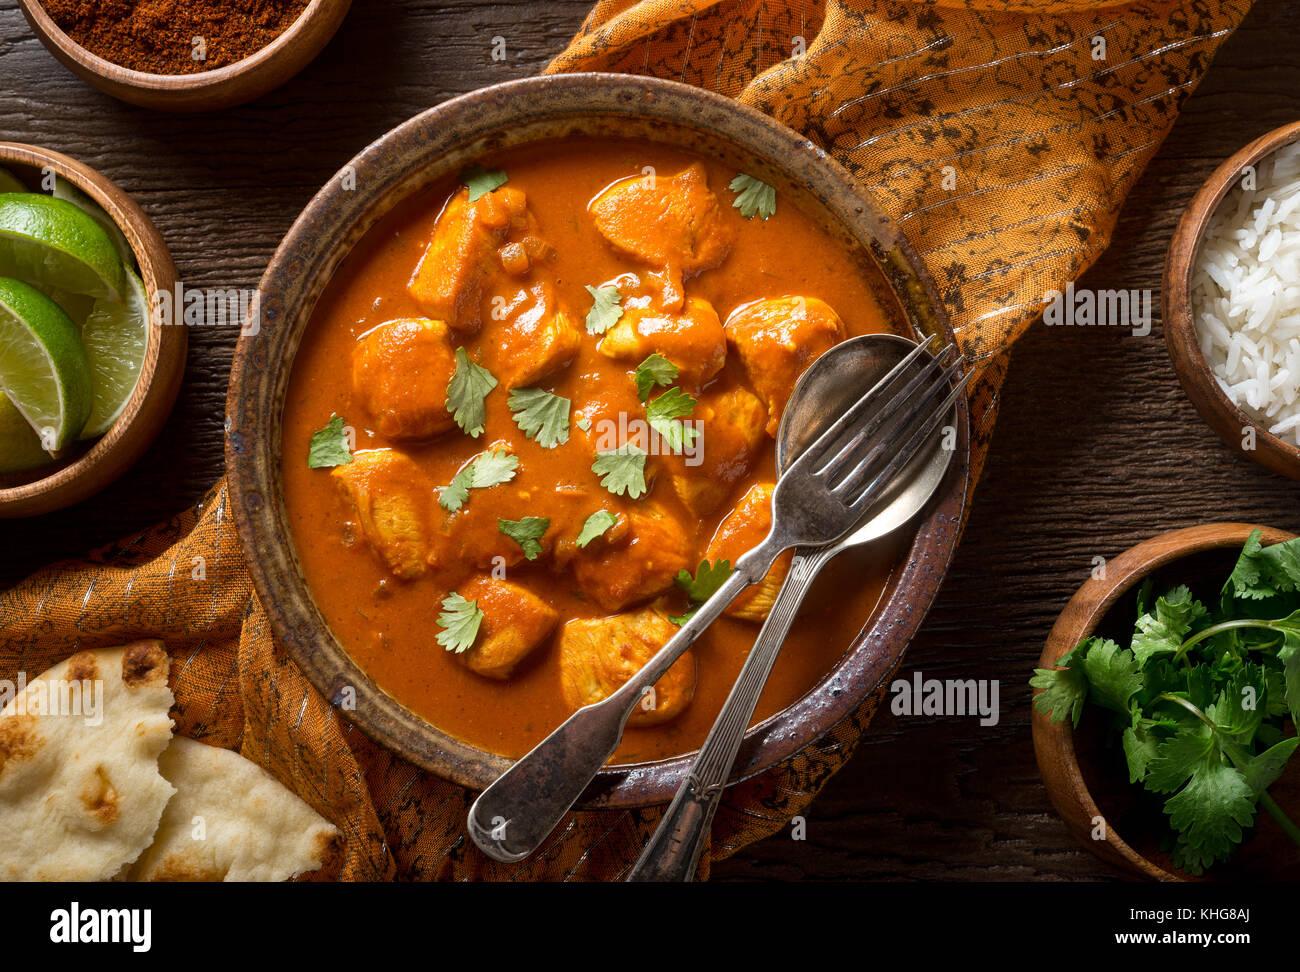 Un bol de délicieux curry de poulet au beurre indien naan pain, riz basmati, et garnir de coriandre. Photo Stock